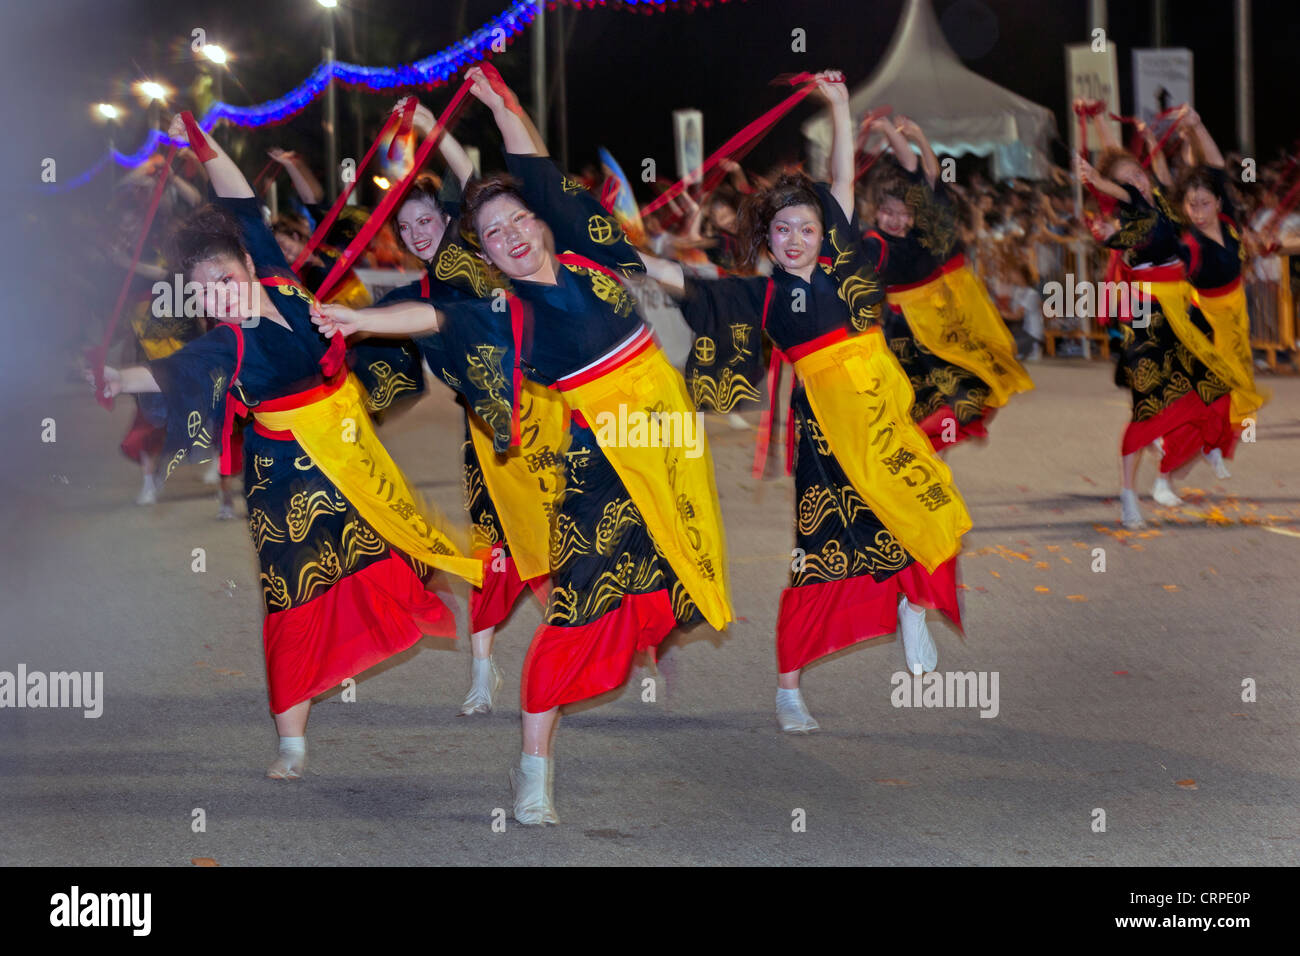 Sudeste Asiatico Singapur Desfile Chingay Anuales Tienen Lugar